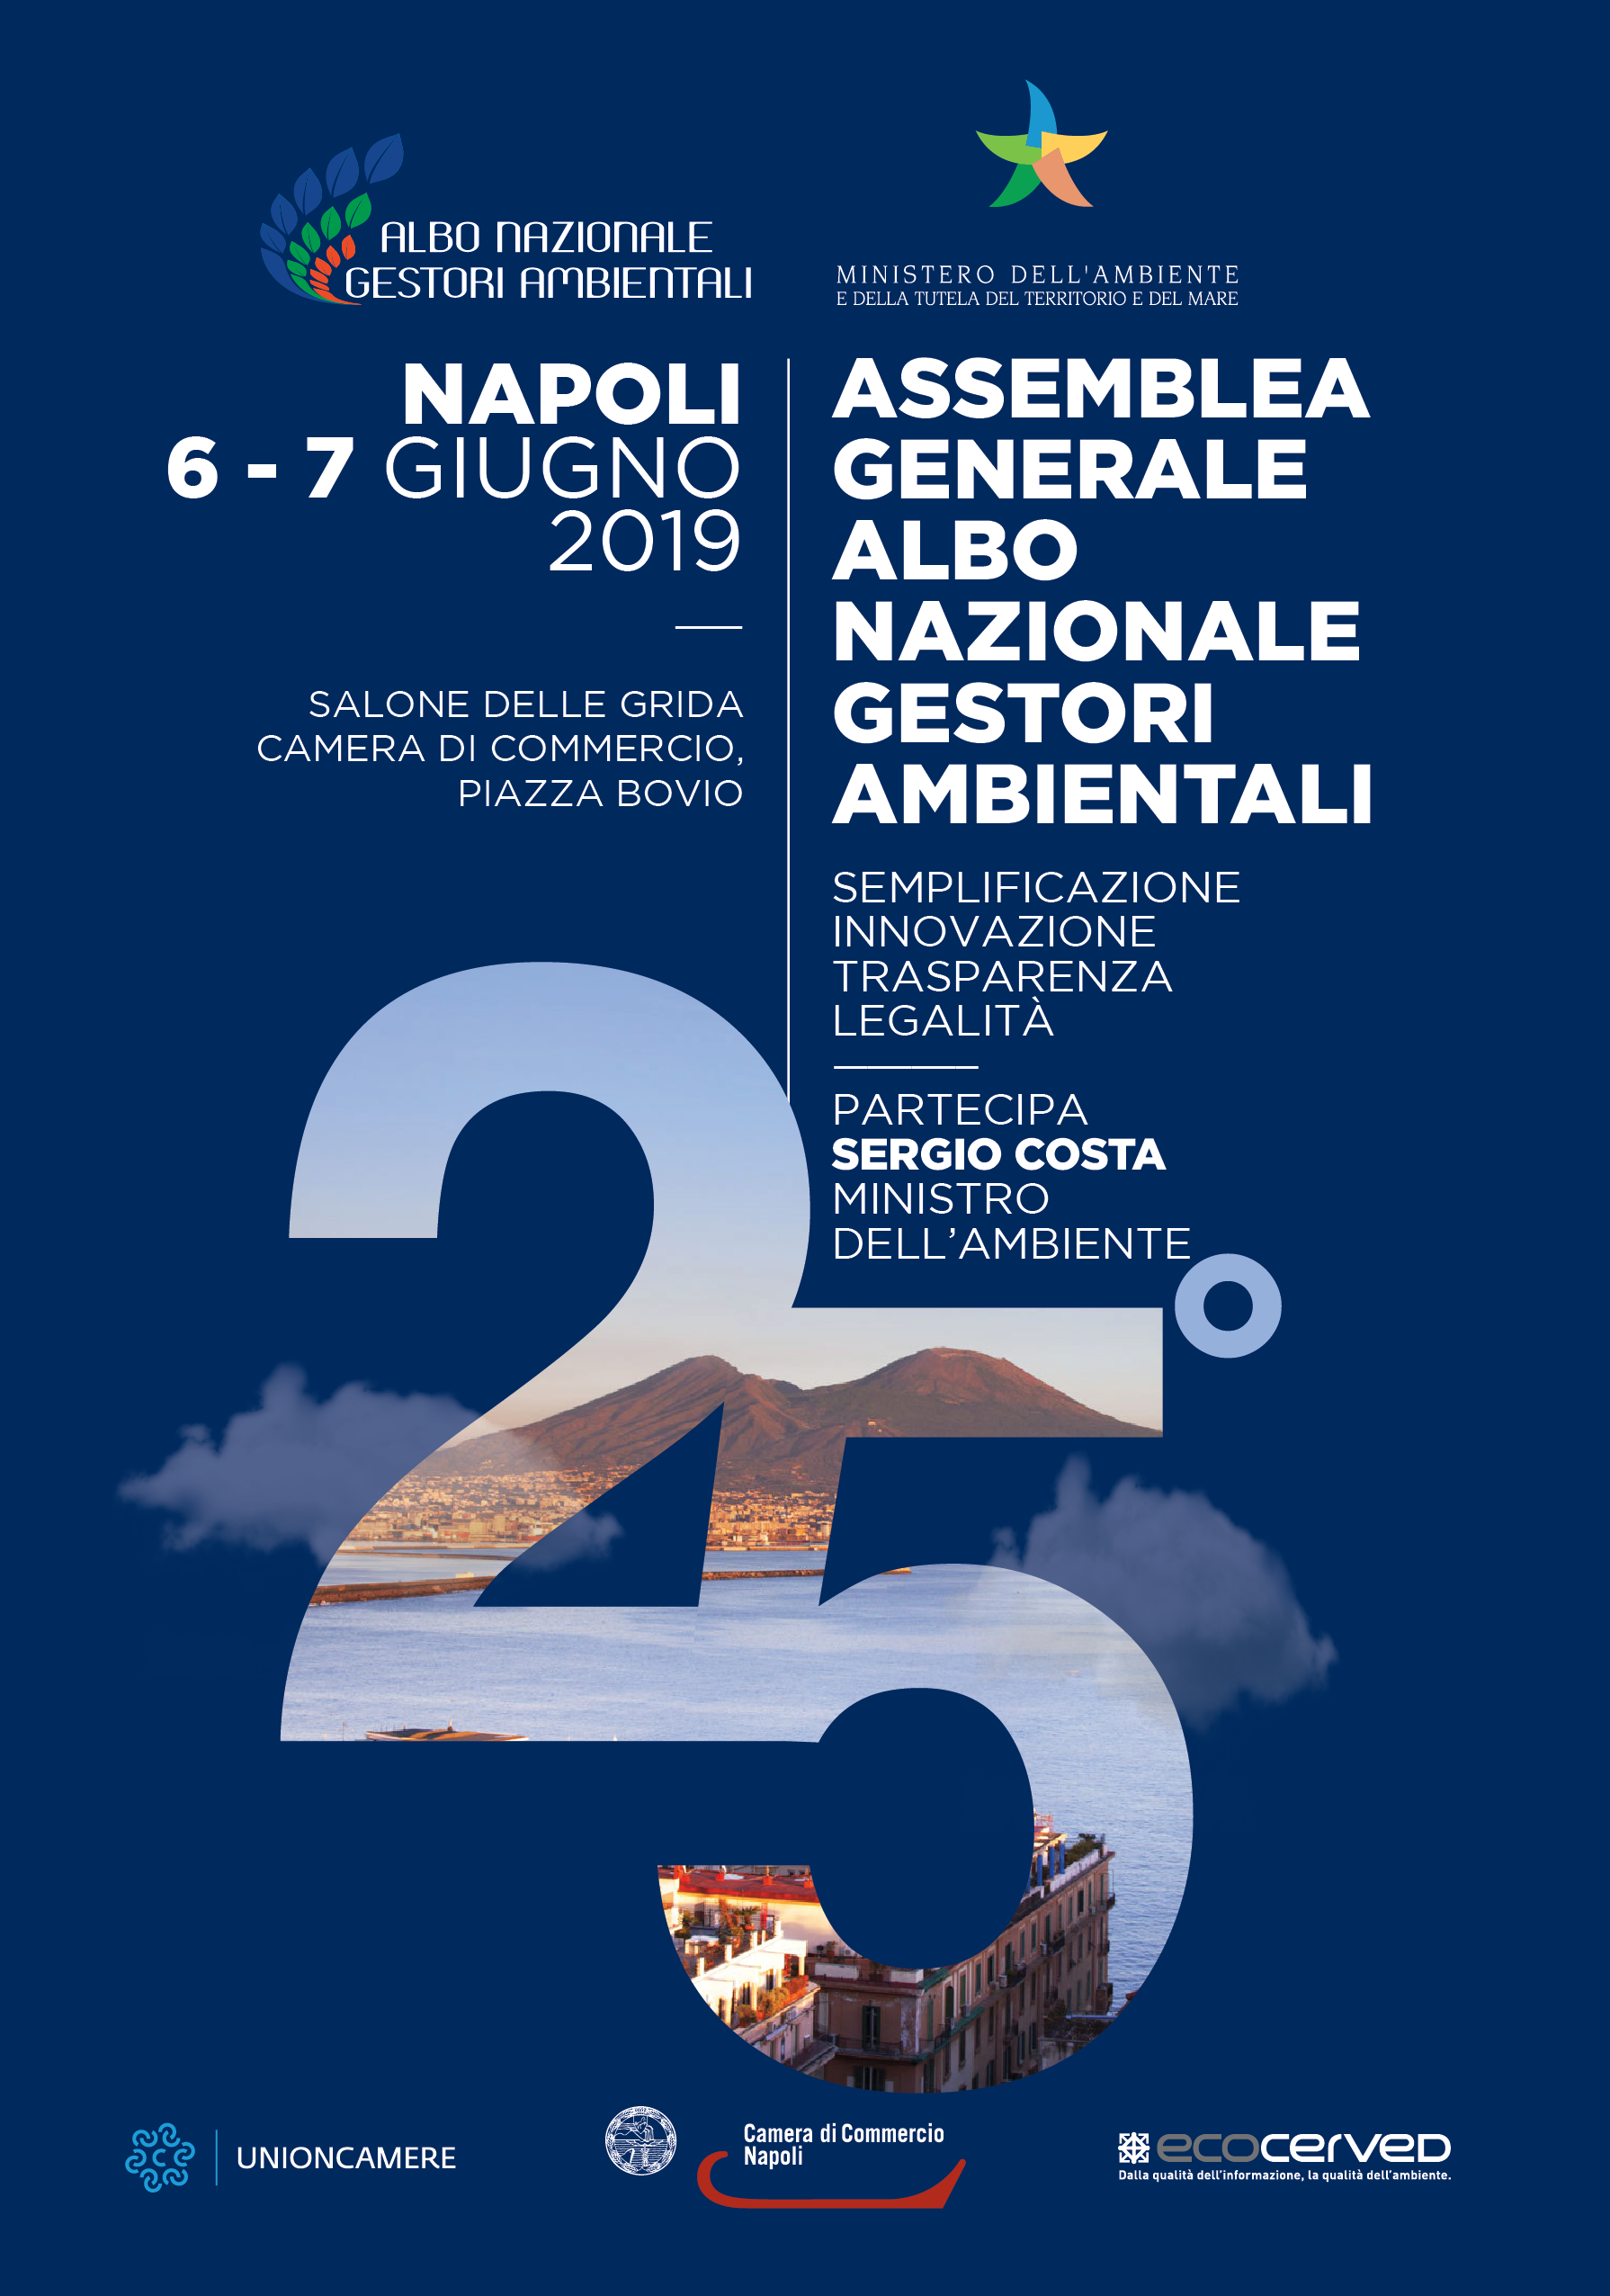 da59c70fd4 Programma della manifestazione - Assemblea Generale Albo Nazionale Gestori  Ambientali Napoli, giovedì 6 e venerdì 7 giugno 2019. Salone delle Grida CCIAA  di ...